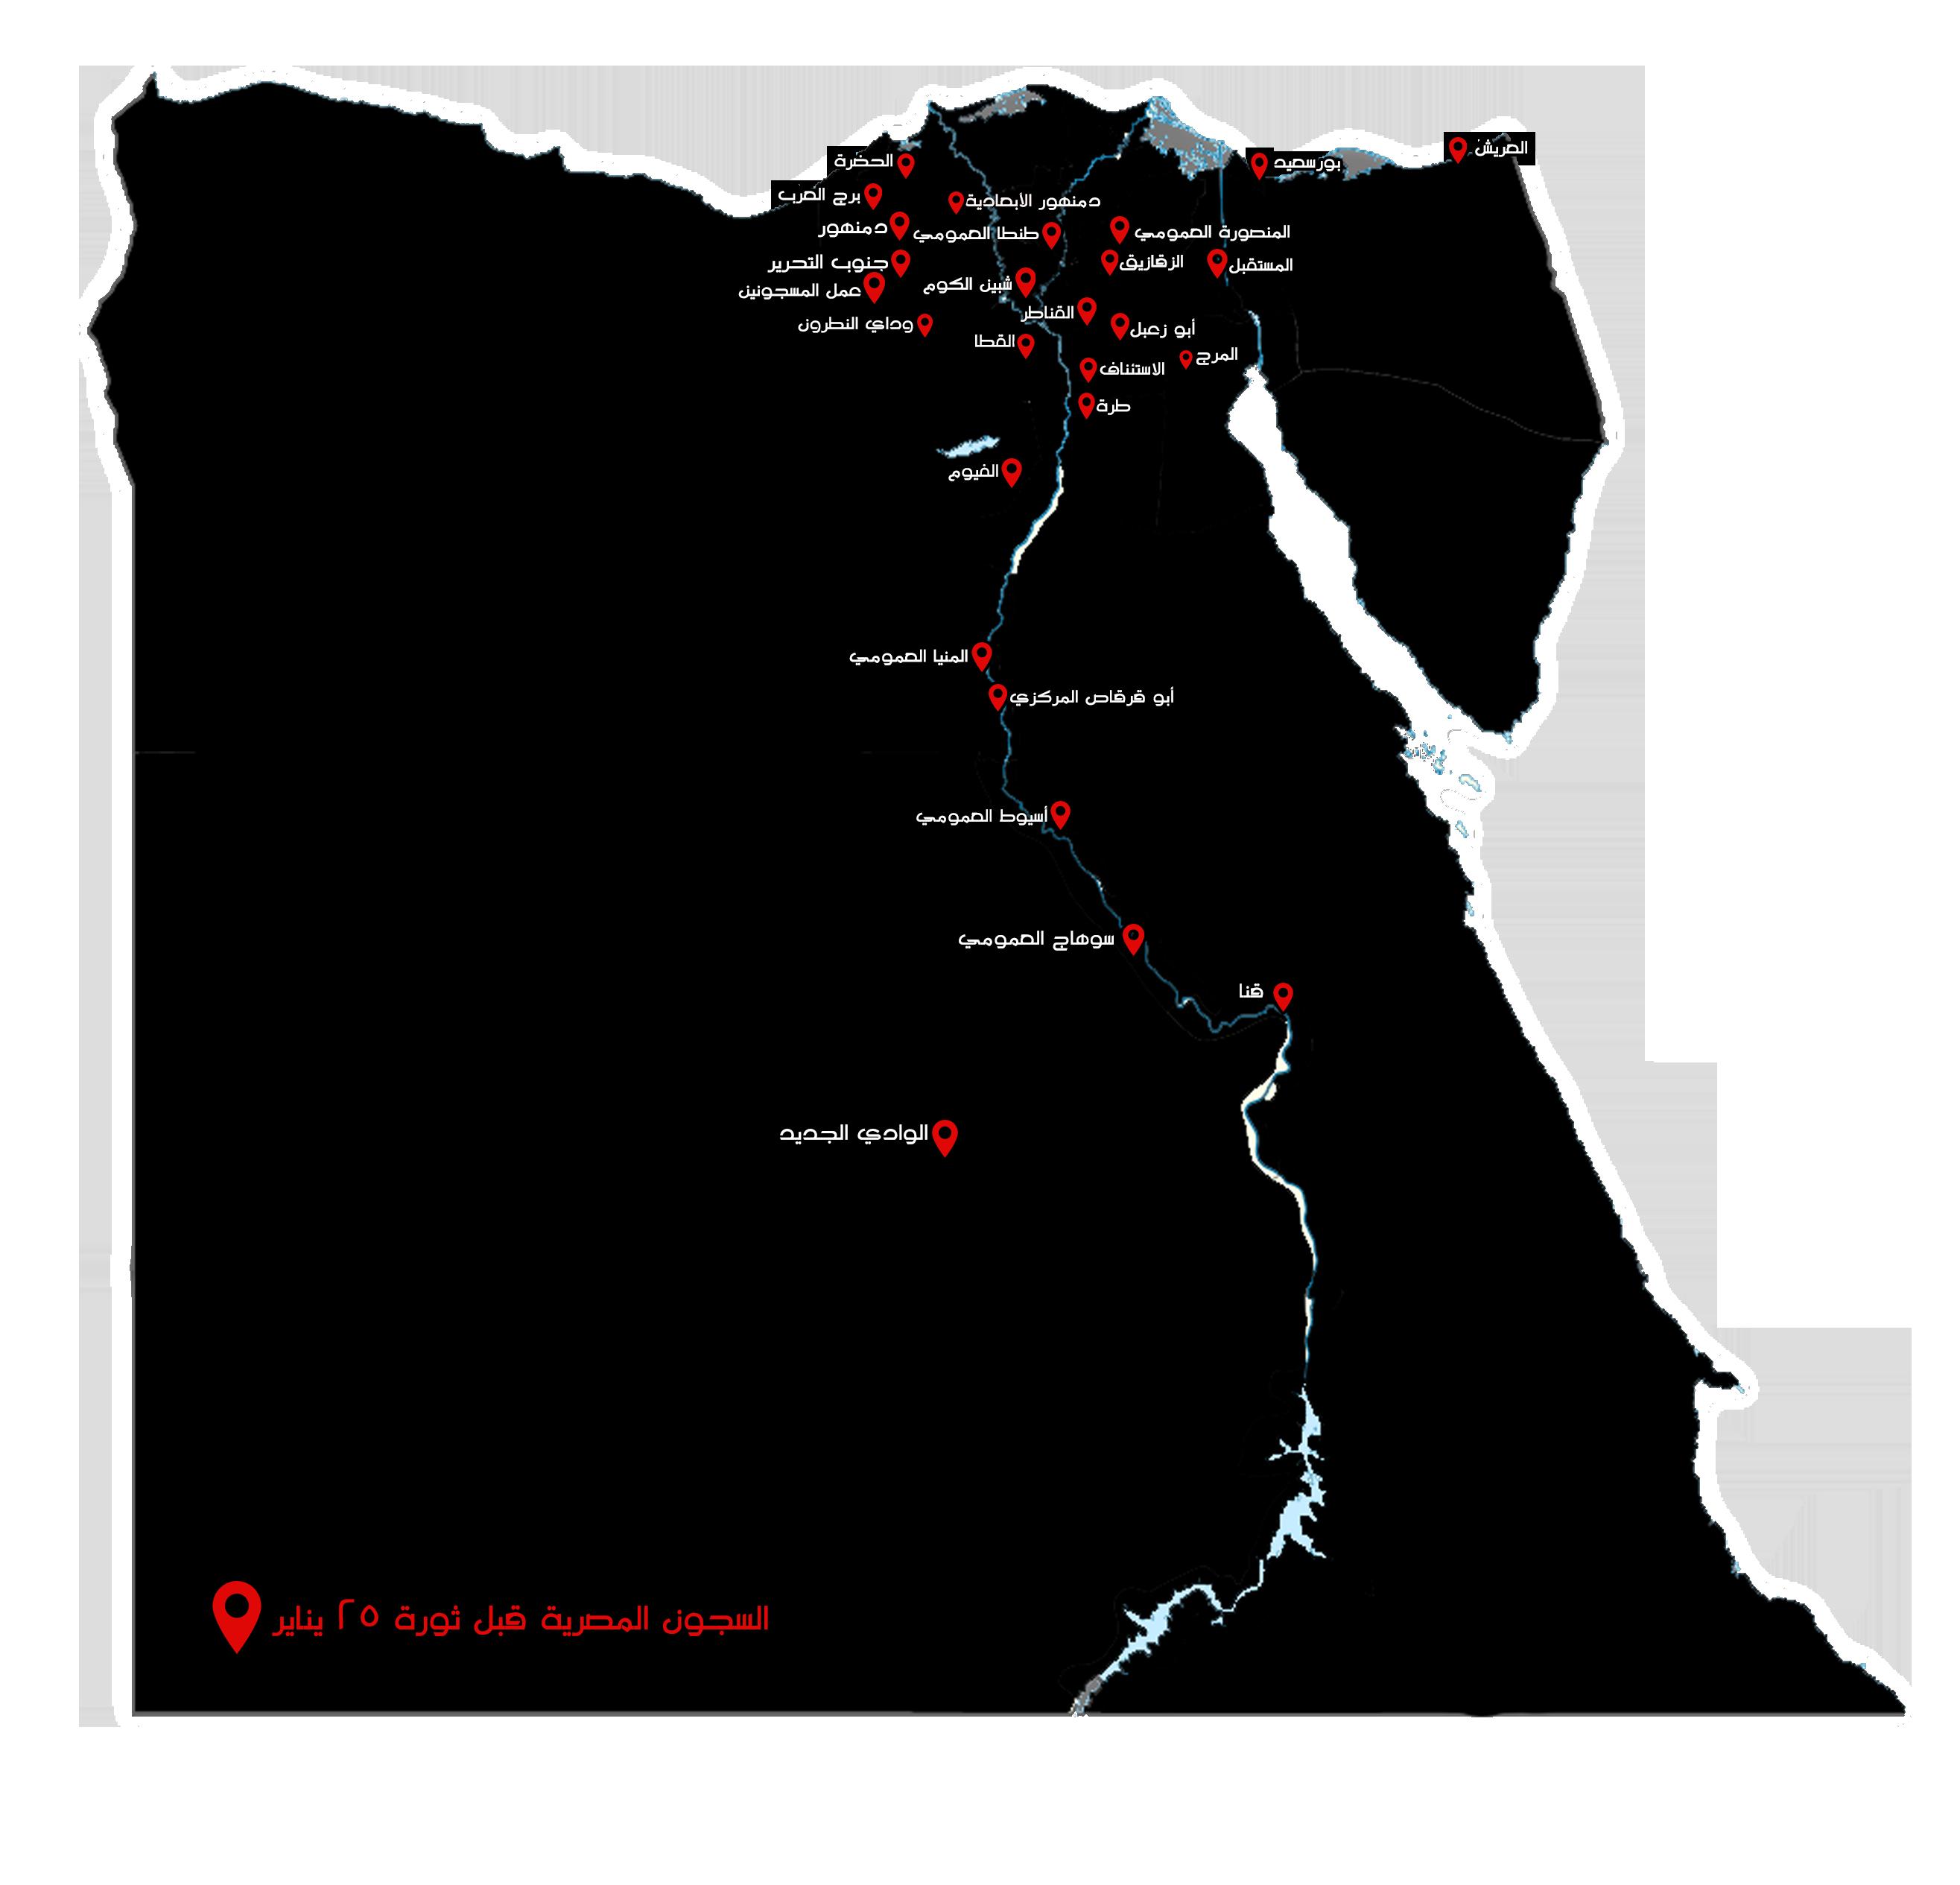 السجون المصرية قبل ثورة 25 يناير